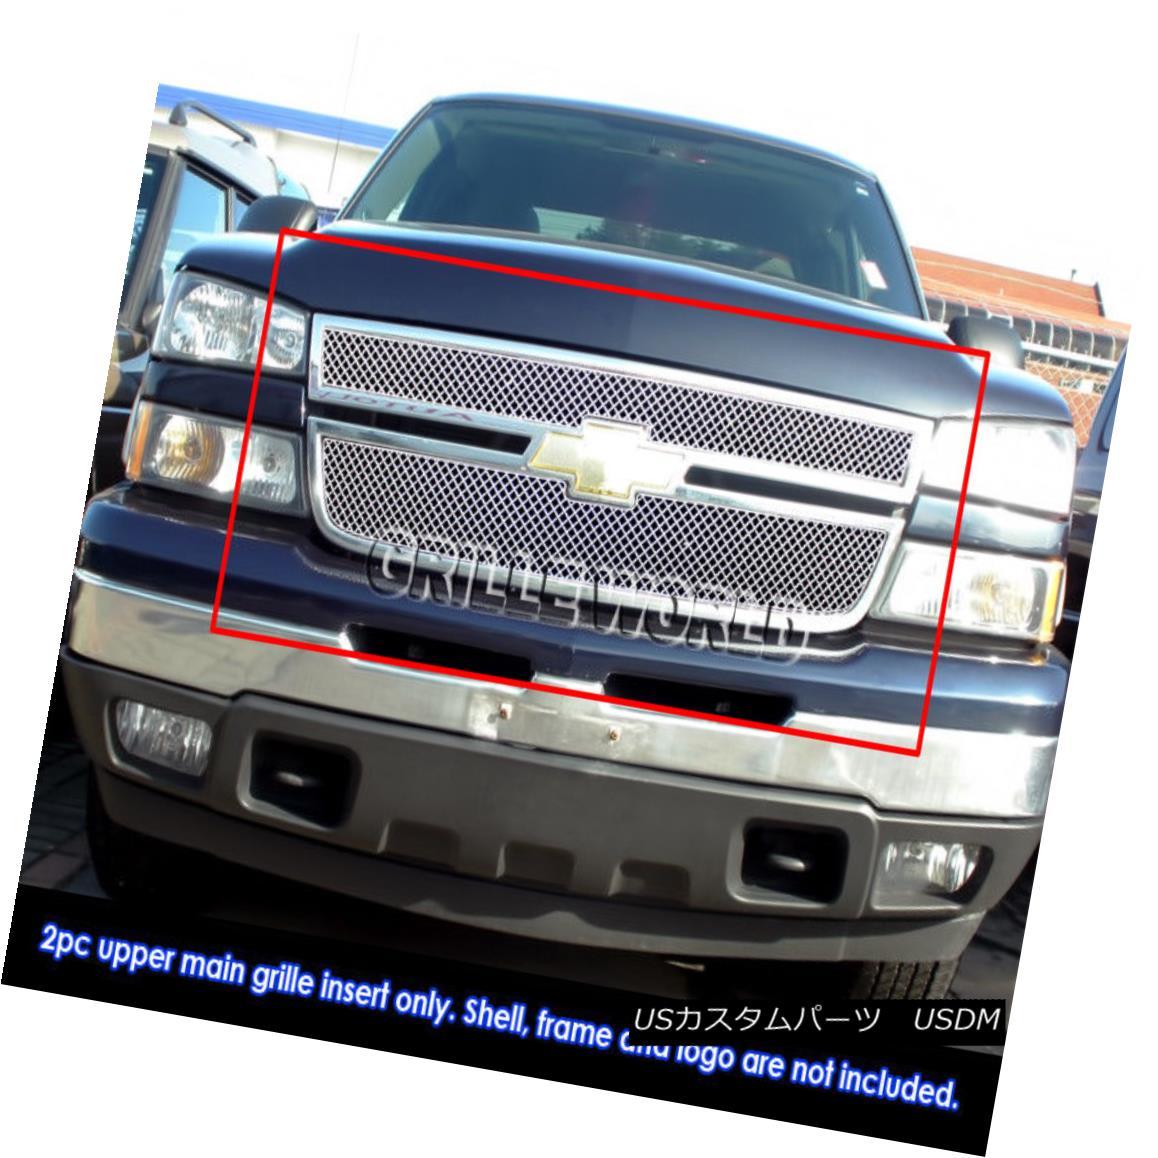 グリル 06 Chevy Silverado 1500/05-06 Silverado 2500HD/3500 X Mesh Grille Grill Insert 06 Chevy Silverado 1500 / 05-06 Silverado 2500HD / 3500 Xメッシュグリルグリルインサート